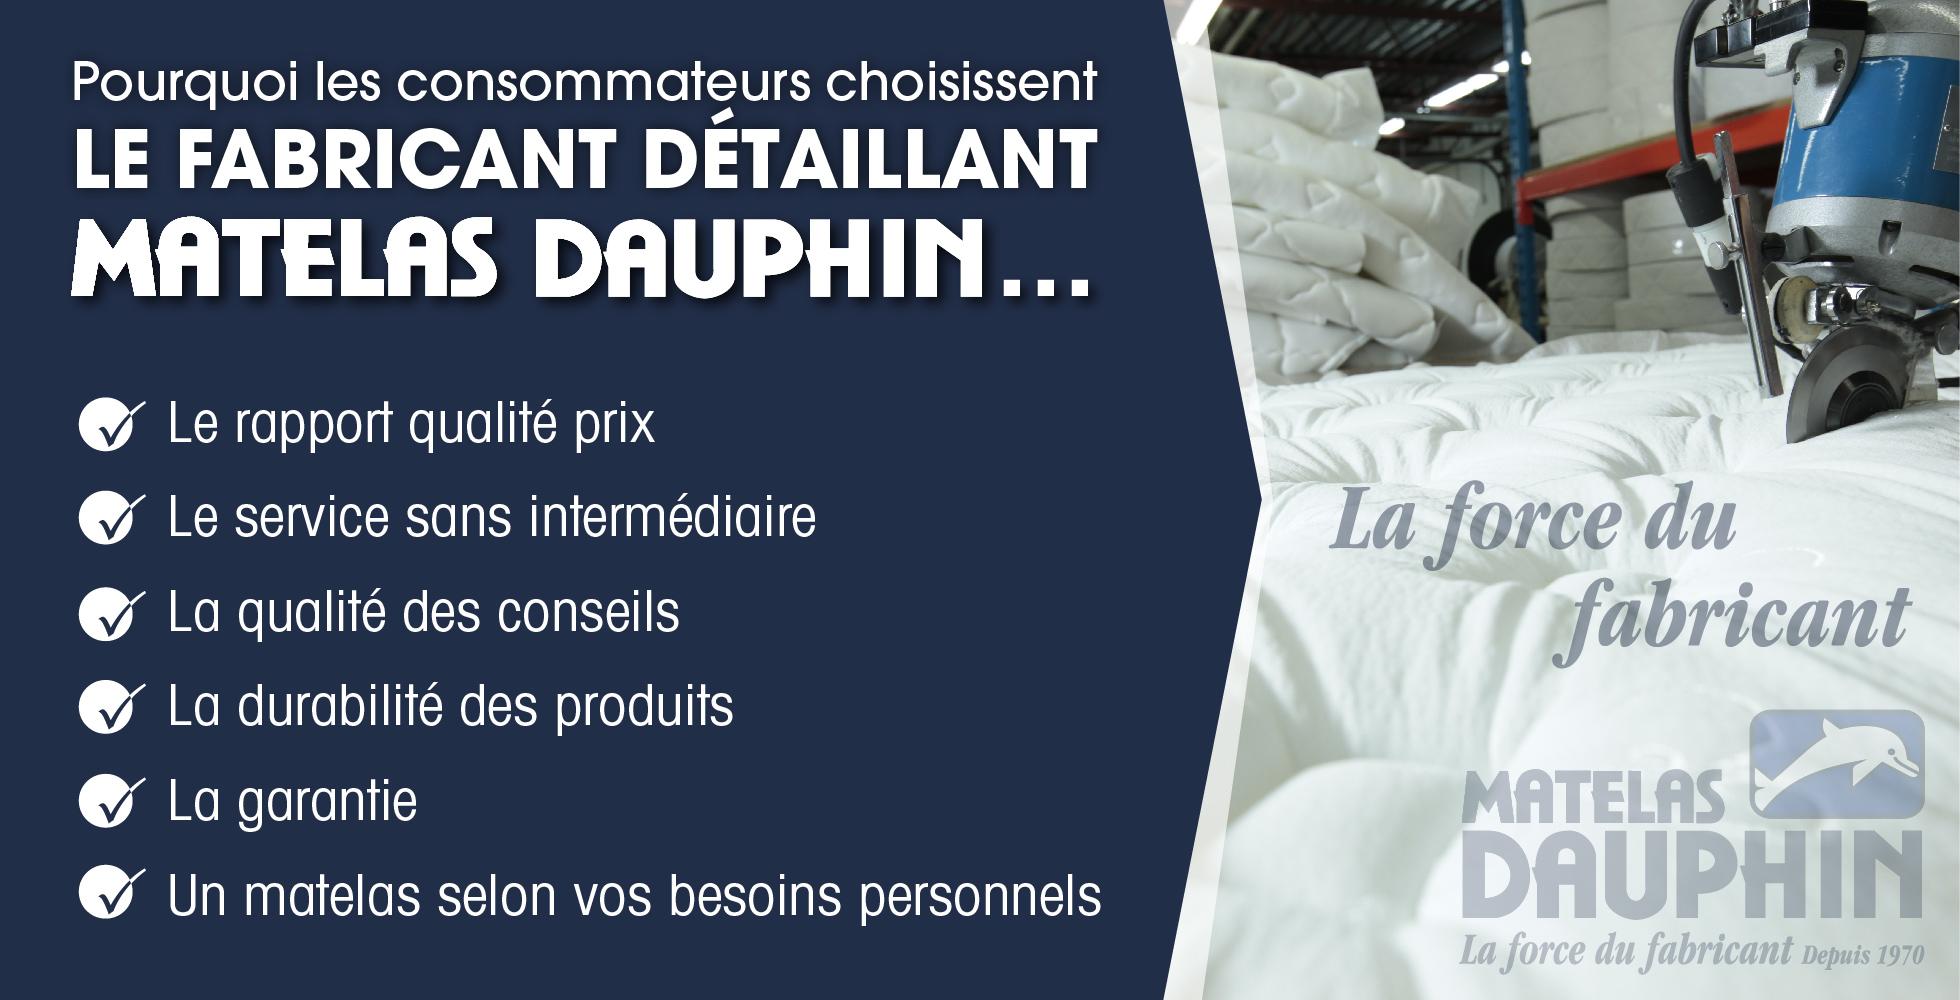 Pourquoi Matelas Dauphin